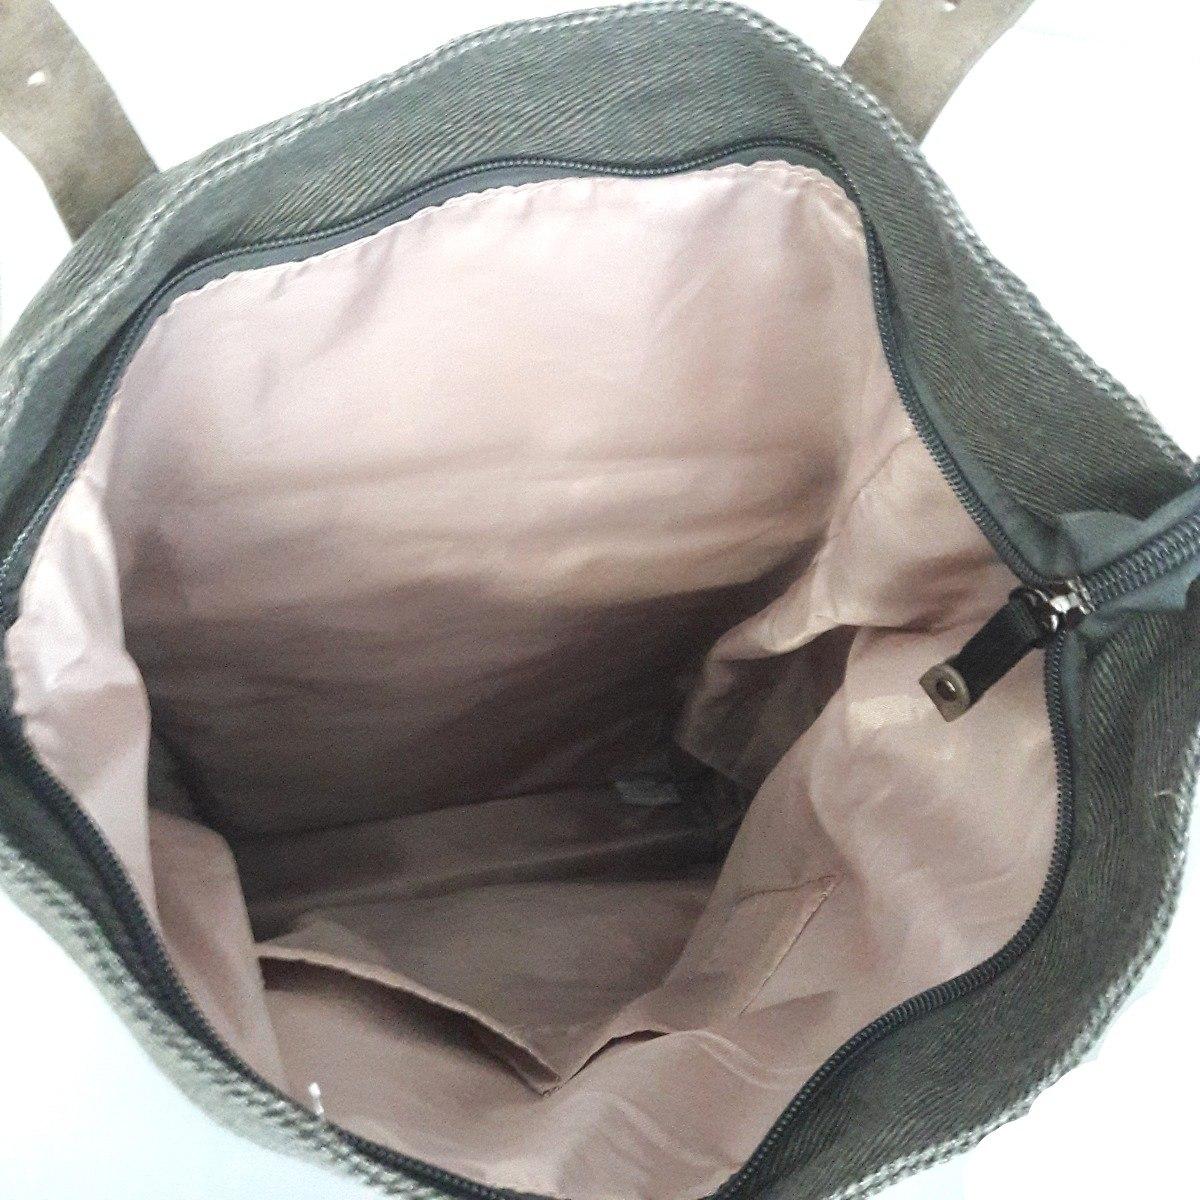 008550c879 mochila masculina de viagem cinza republic vix cg31381. Carregando zoom.